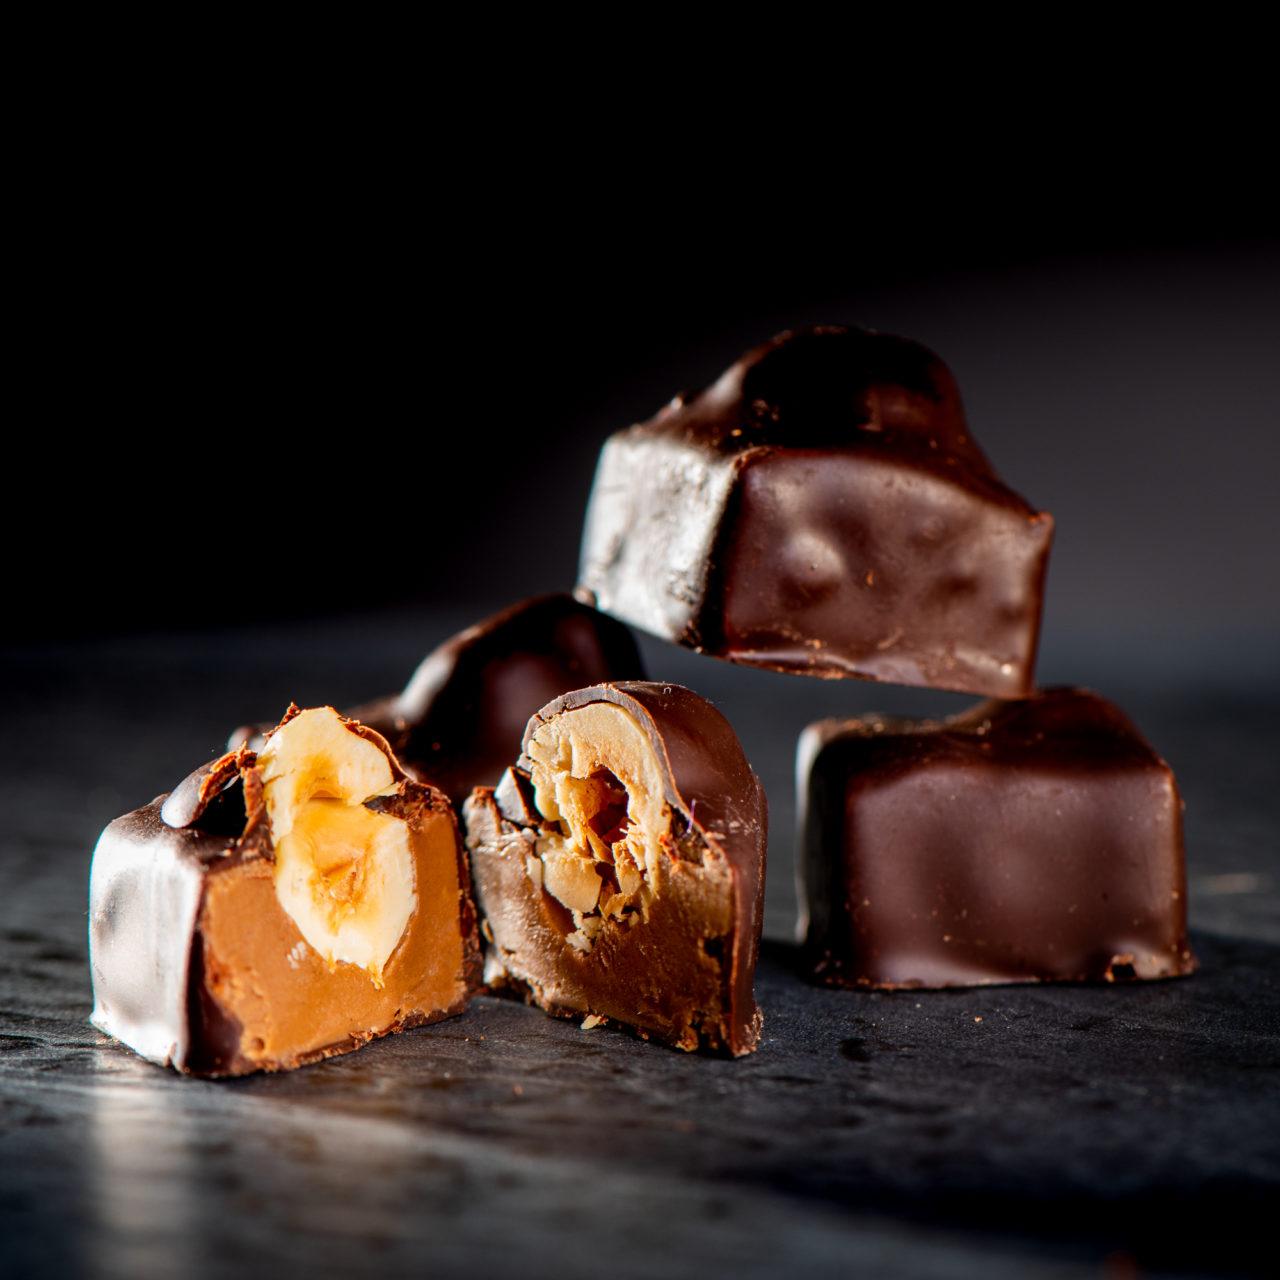 chocolat noir praliné noisette